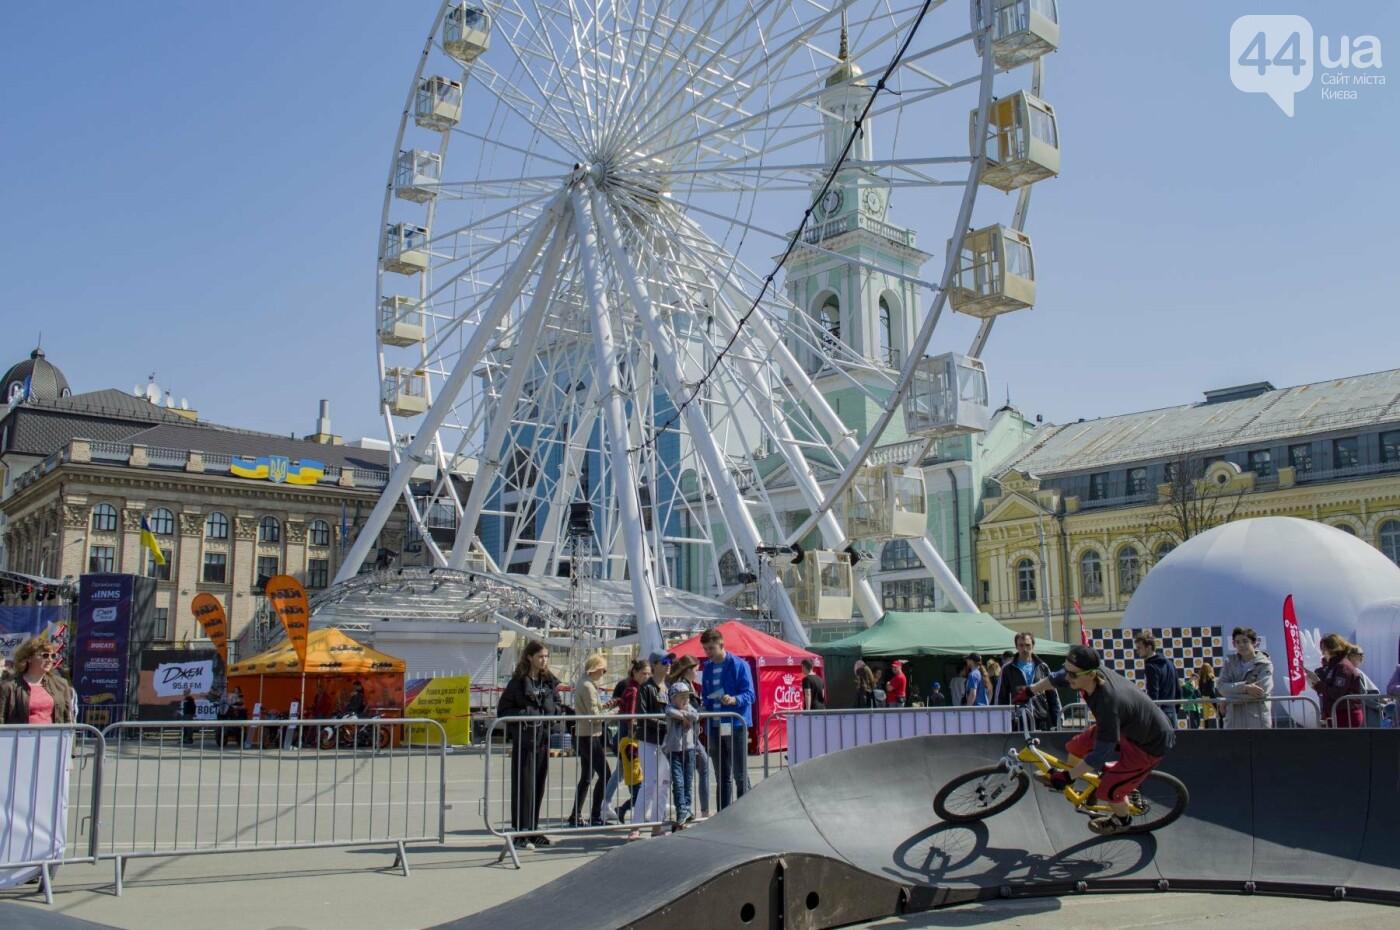 Мотогонки, автошоу патрульных и мощный дрифт: на Подоле проходит масштабный фестиваль драйва, фото-20